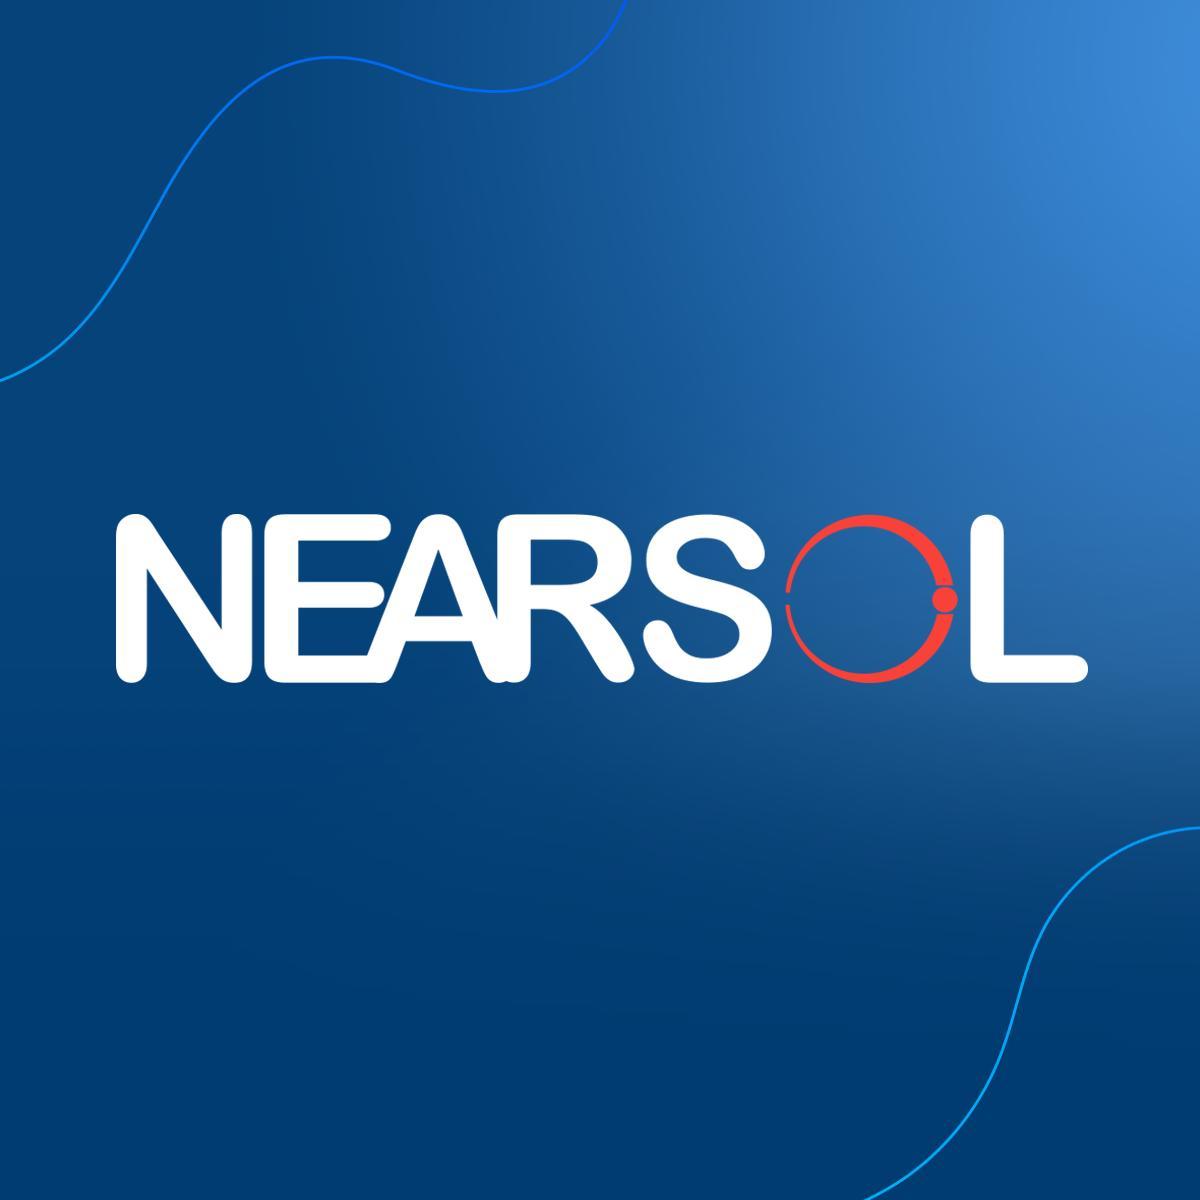 Nearsol